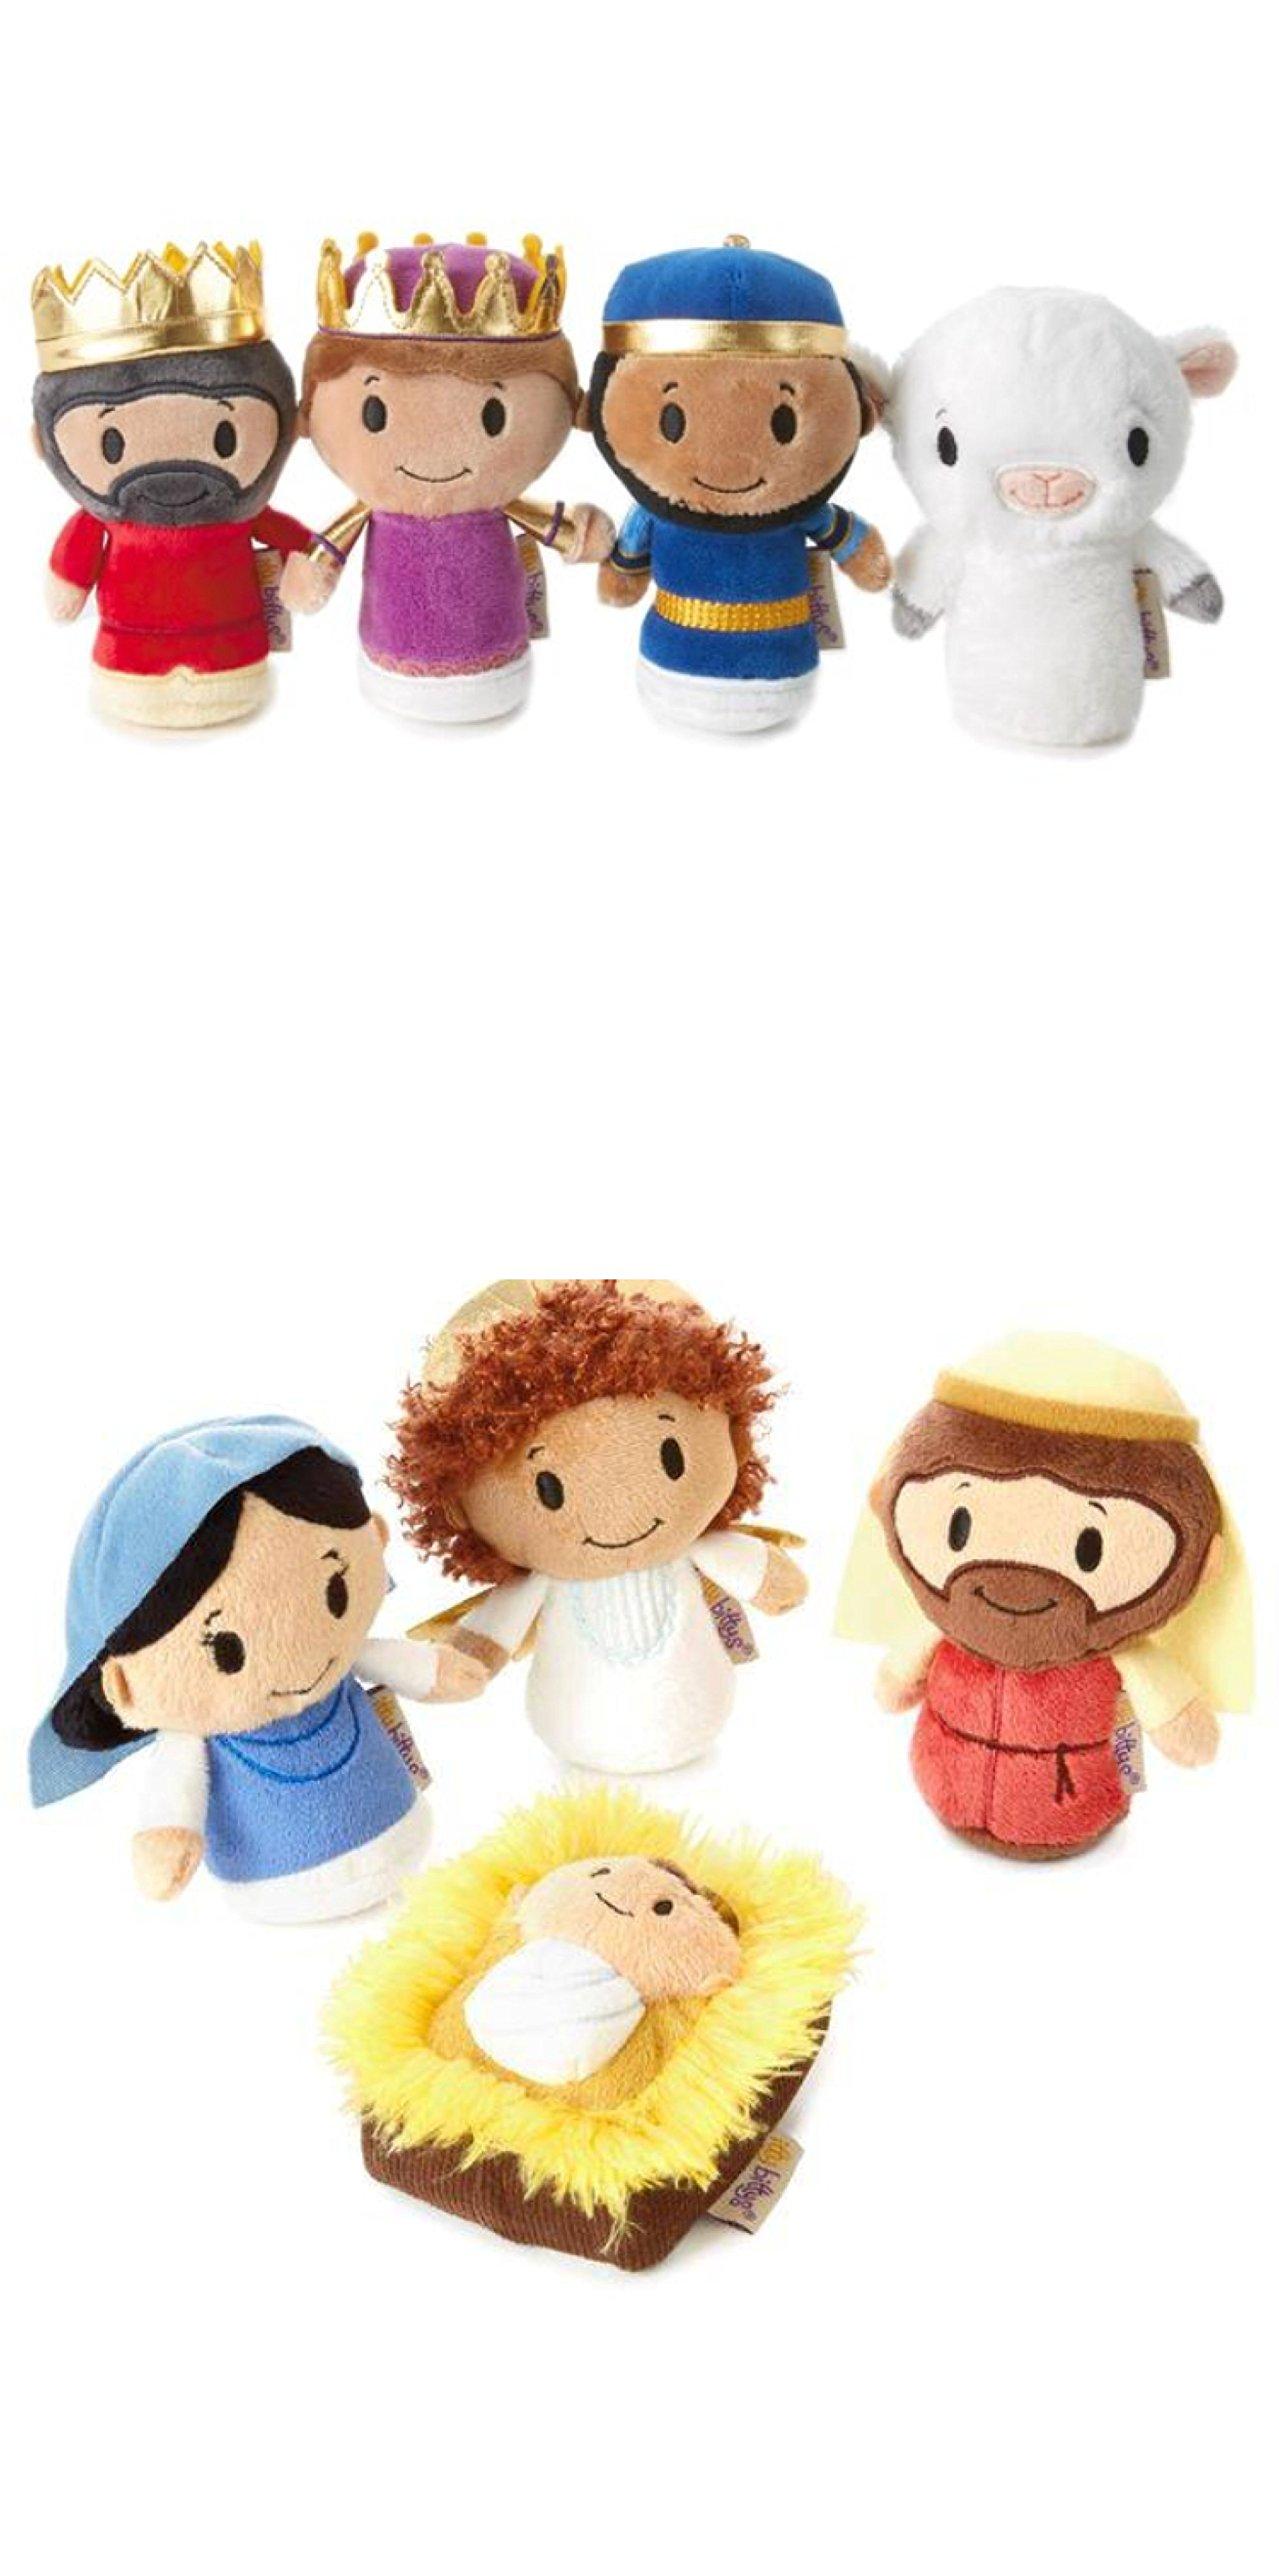 itty bittys Complete Nativity Set Stuffed Animals (Nativity,Wisemen and Sheep)